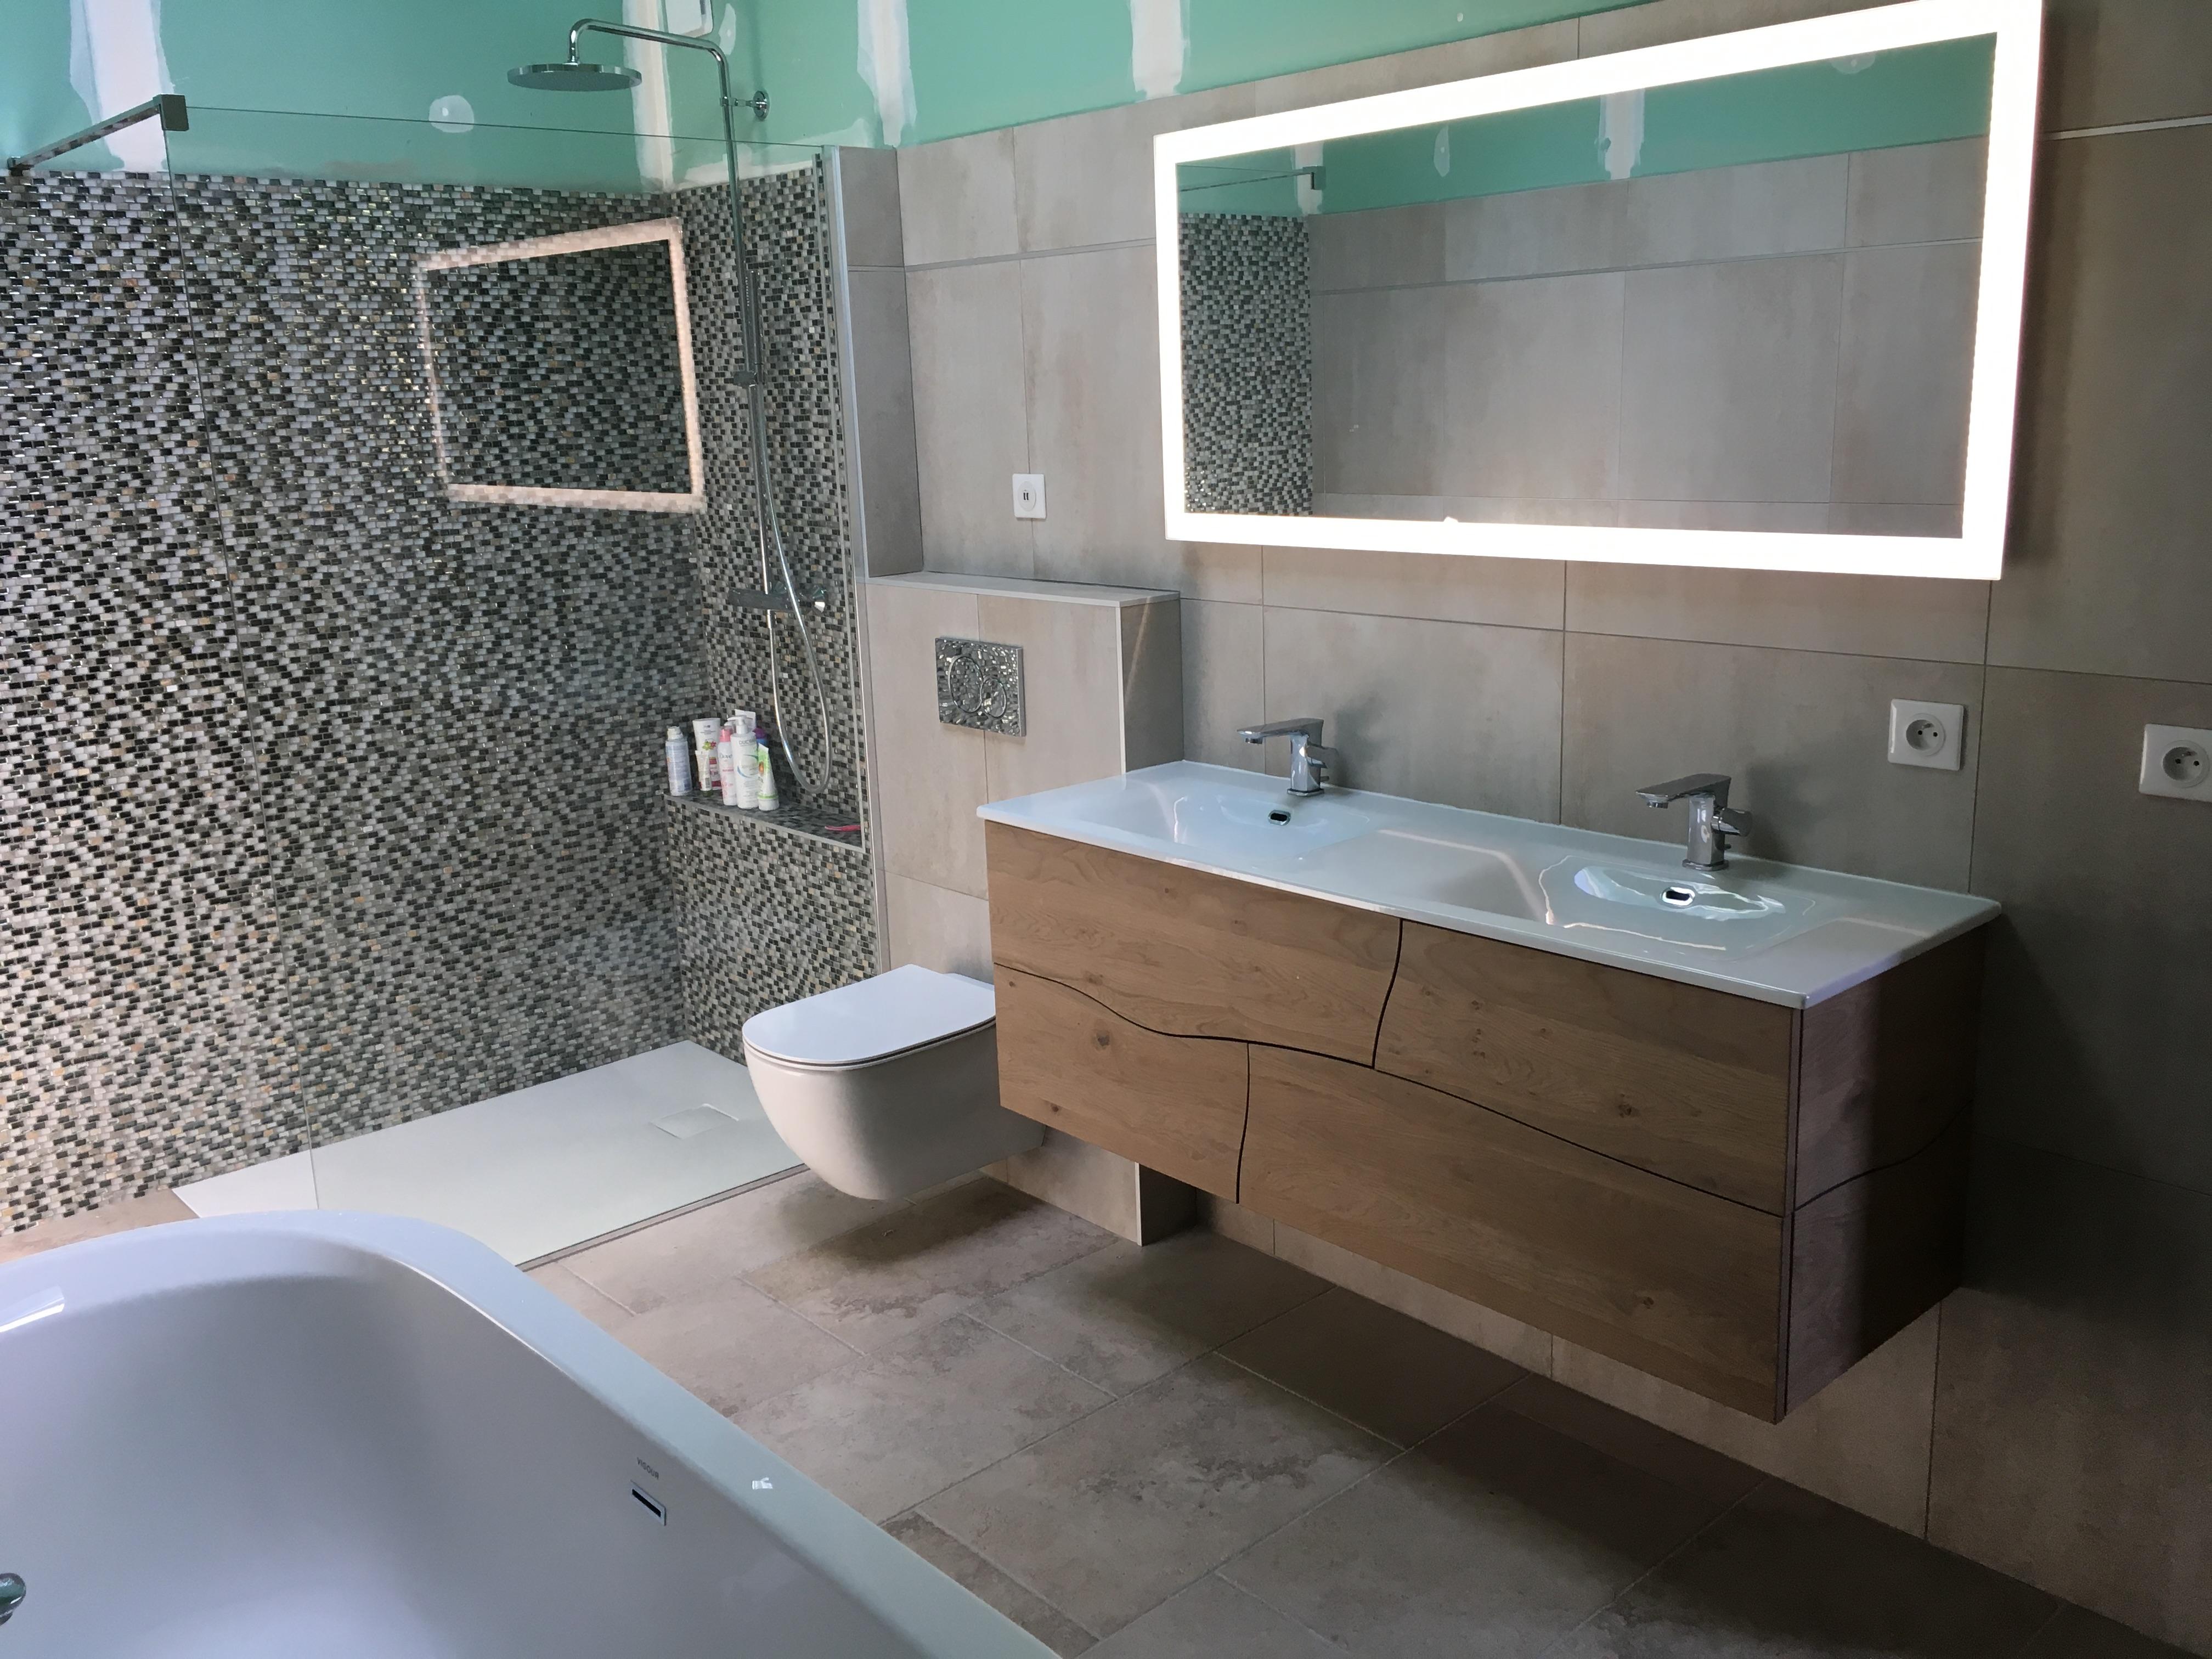 Créer Une Salle D Eau rénovation de salle de bain près de nîmes (30) ~~ entreprise